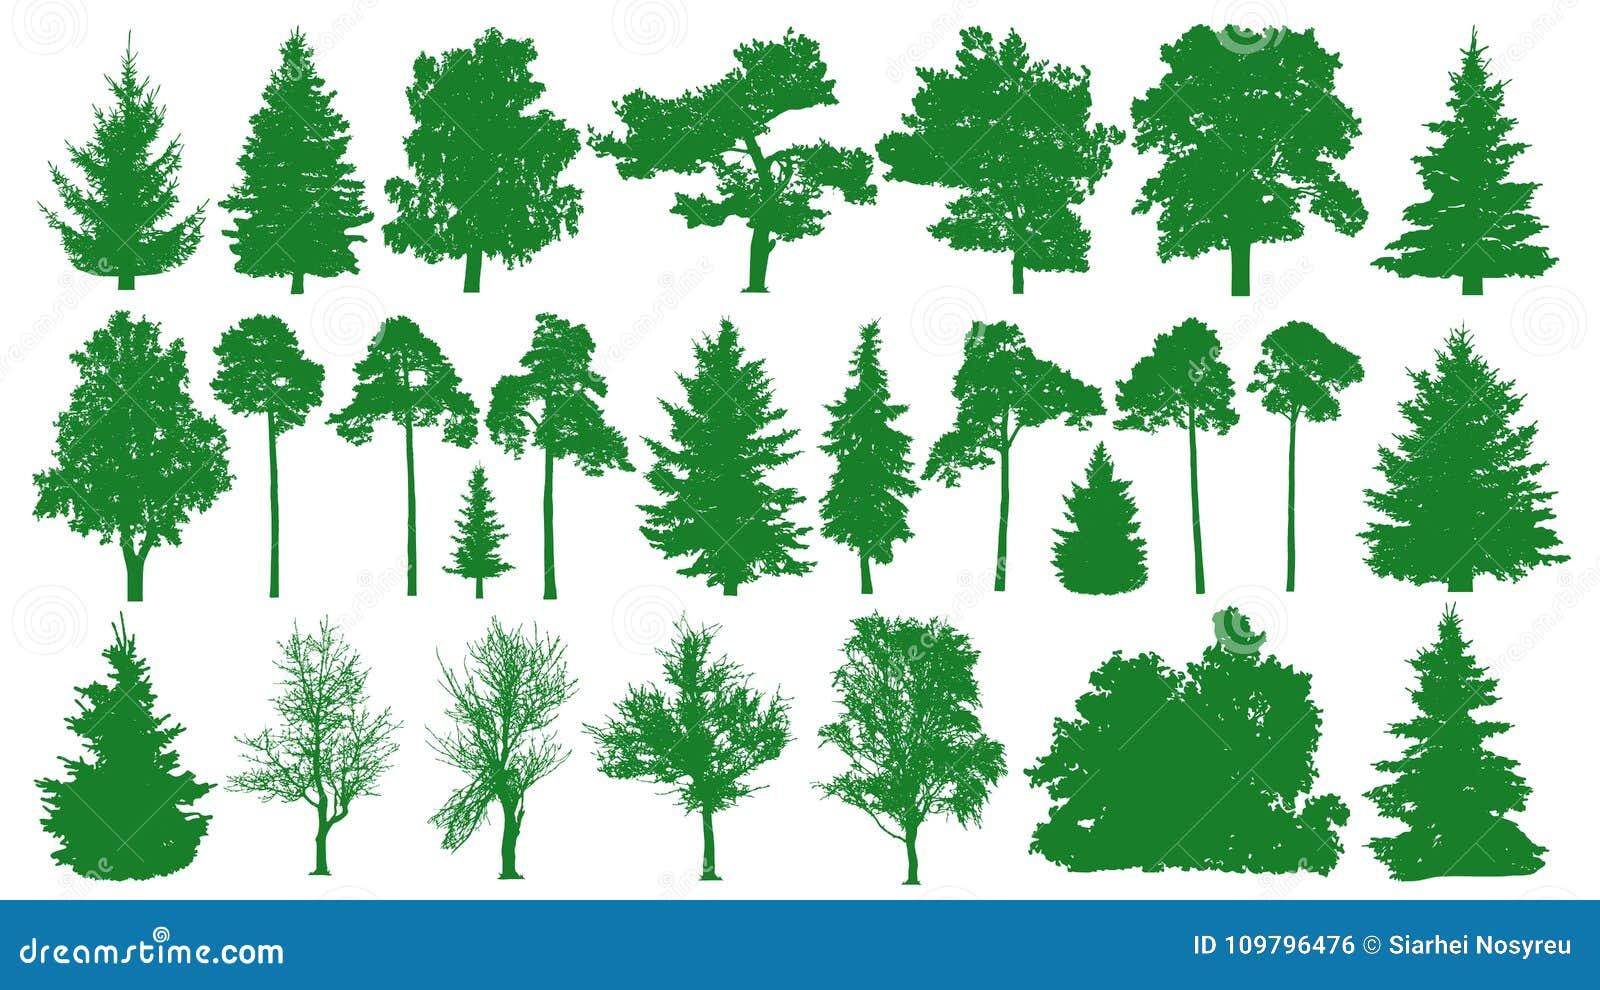 Groene geplaatste bomen Witte achtergrond Silhouet van een naald bosspar, spar, pijnboom, berk, eik, struik, tak